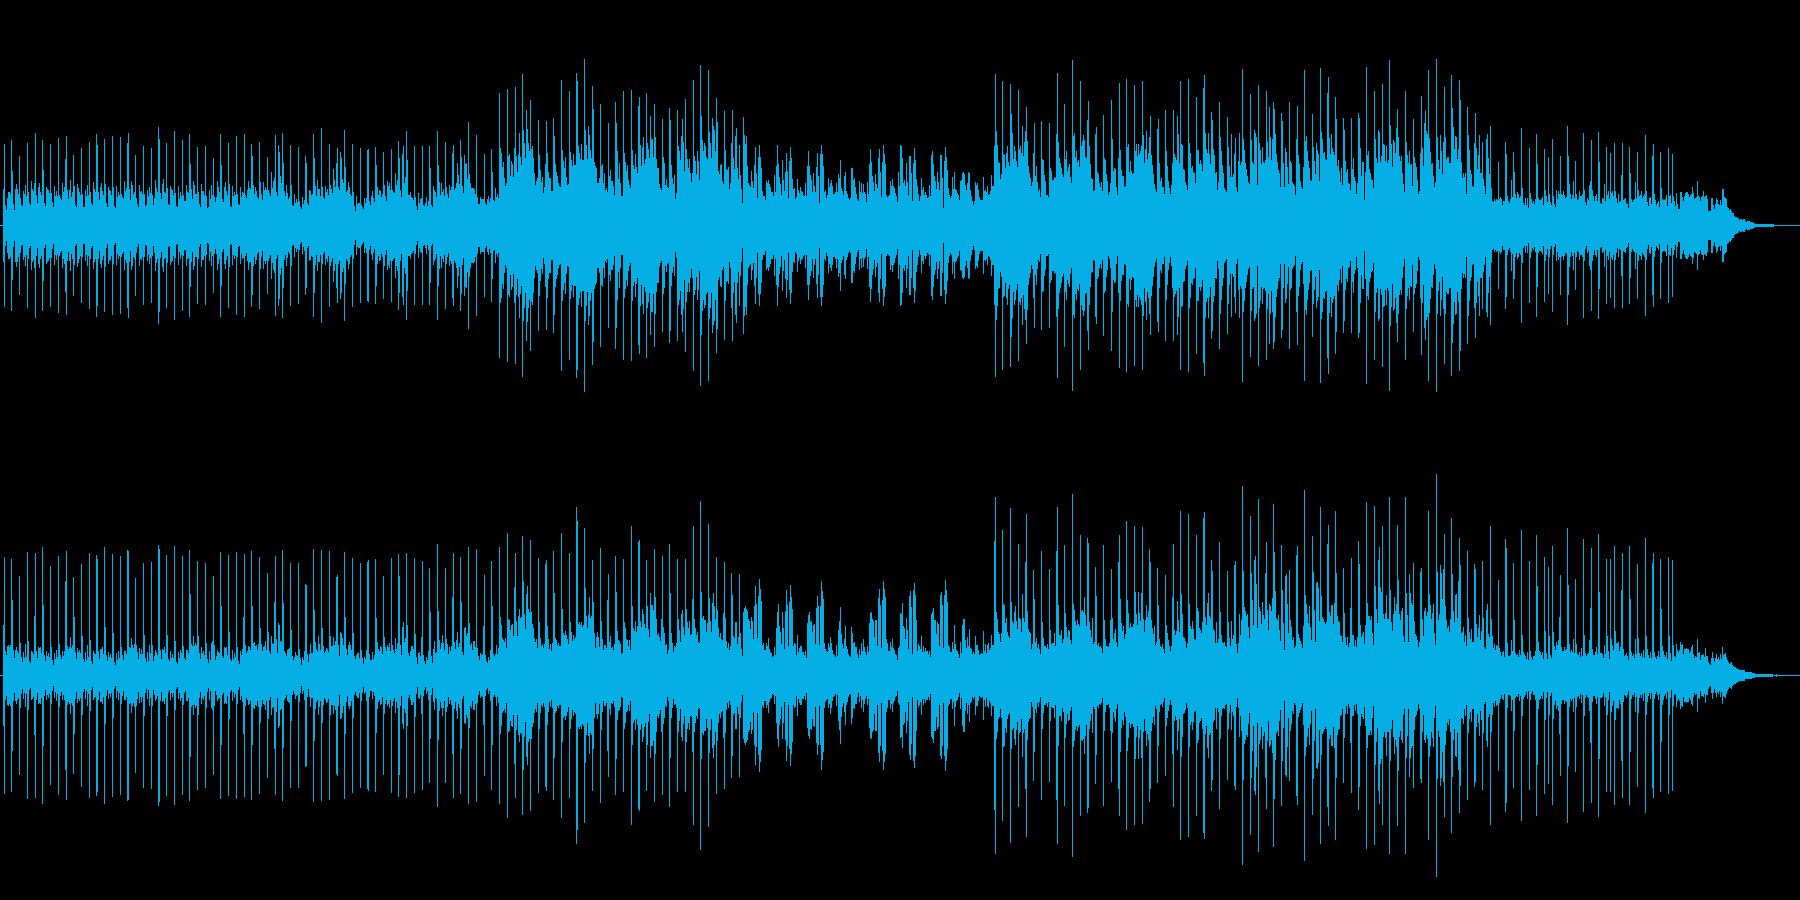 アコギのハーモニー しっとり大人な雰囲気の再生済みの波形